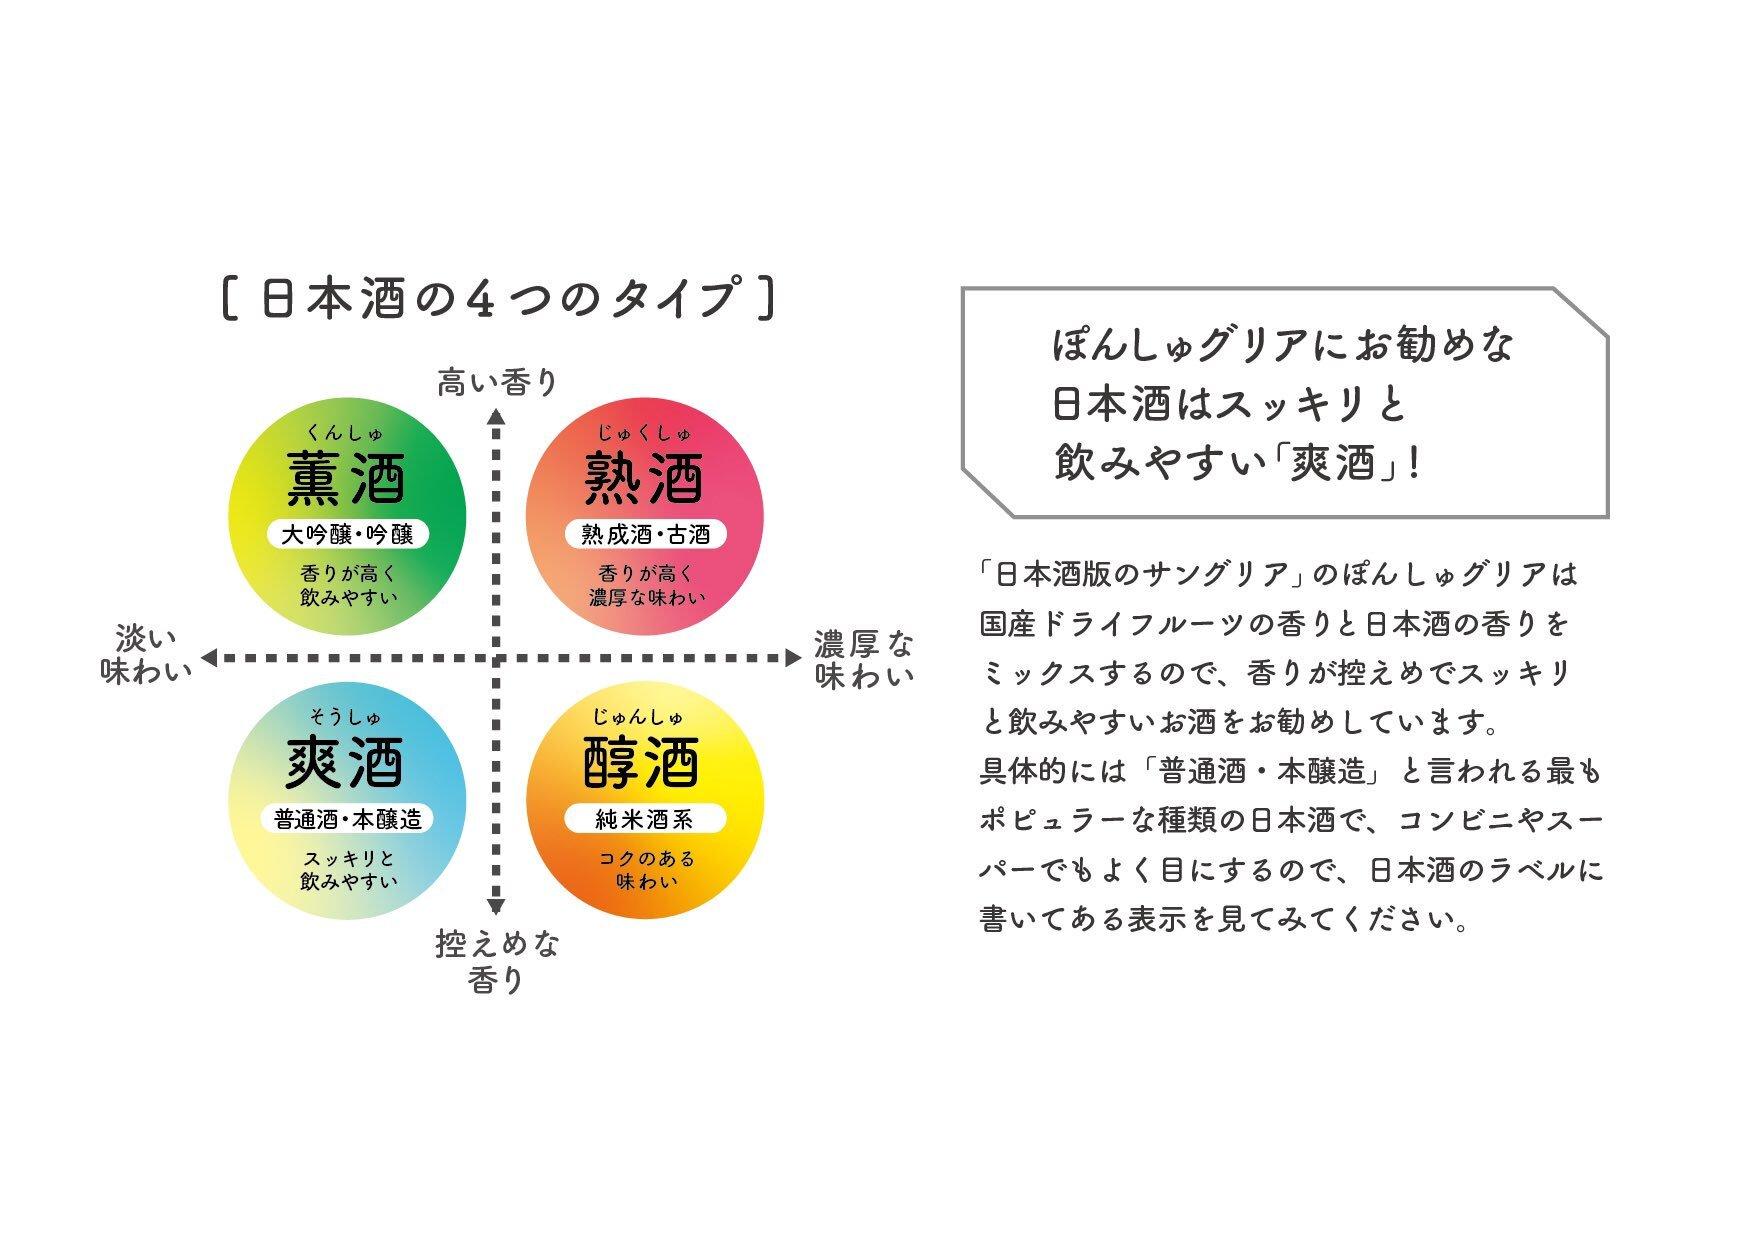 日本酒 4タイプ 分類